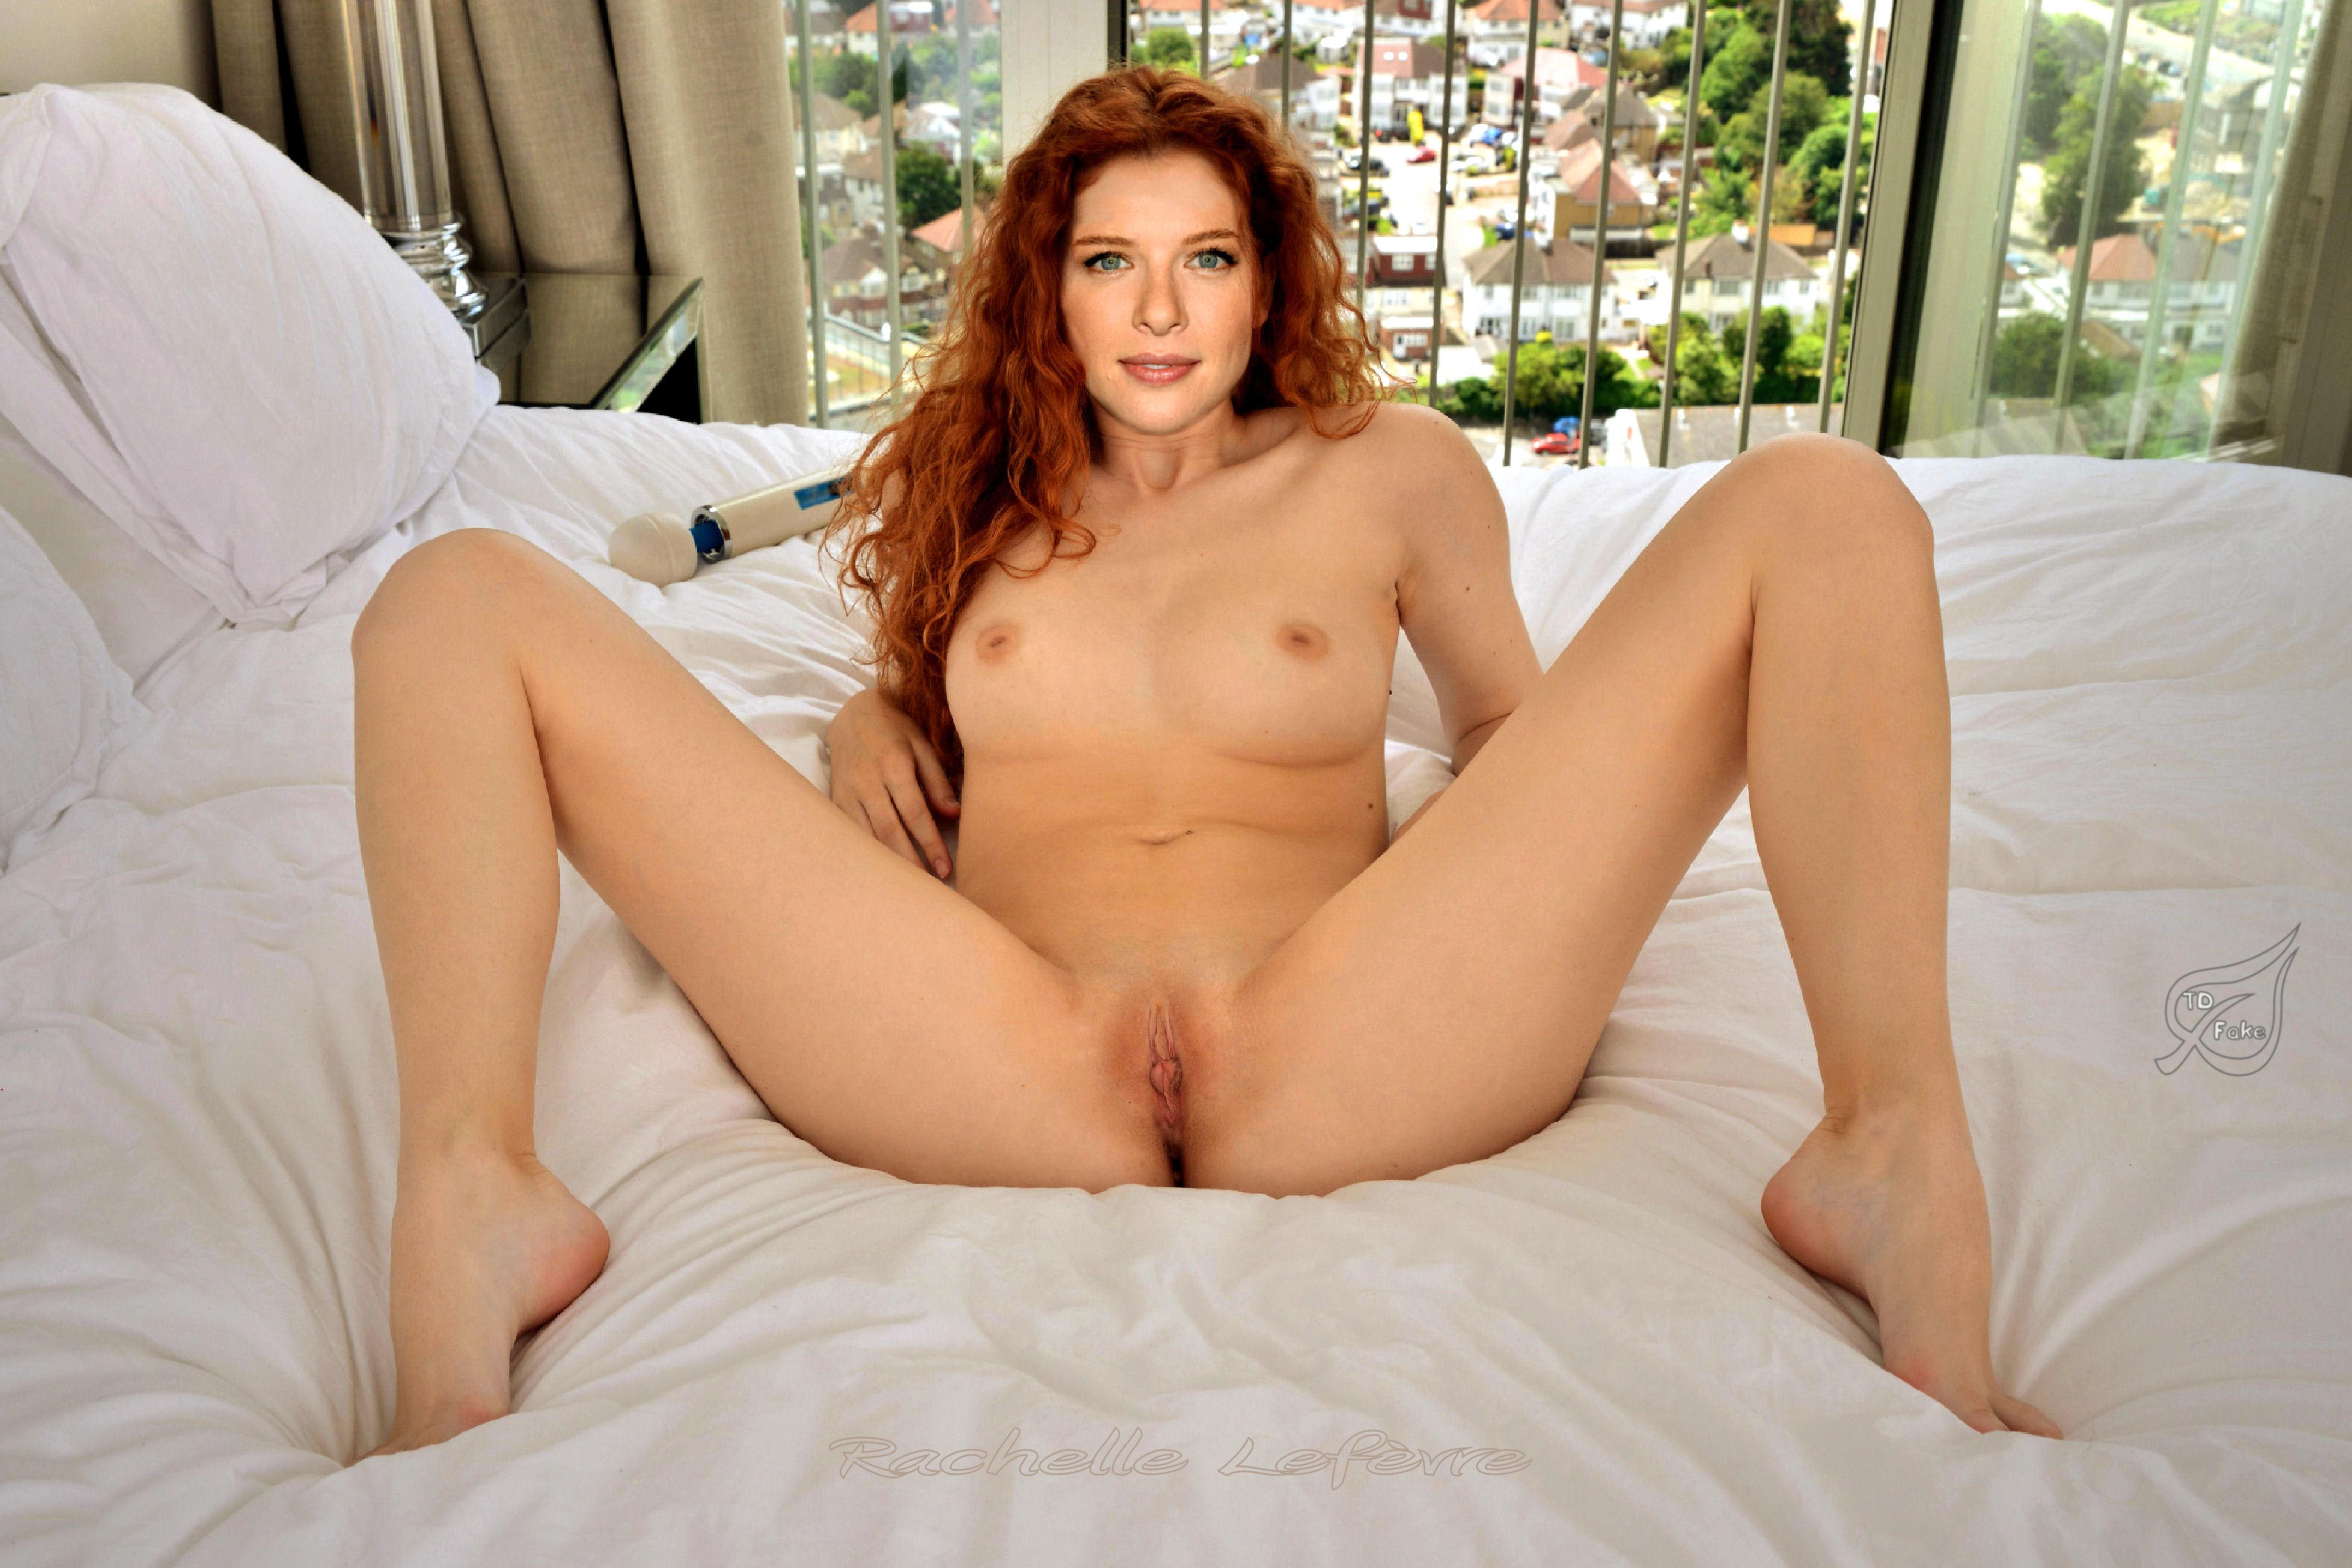 rachelle-lefevre-nude-xxx-sex-puerto-rican-girls